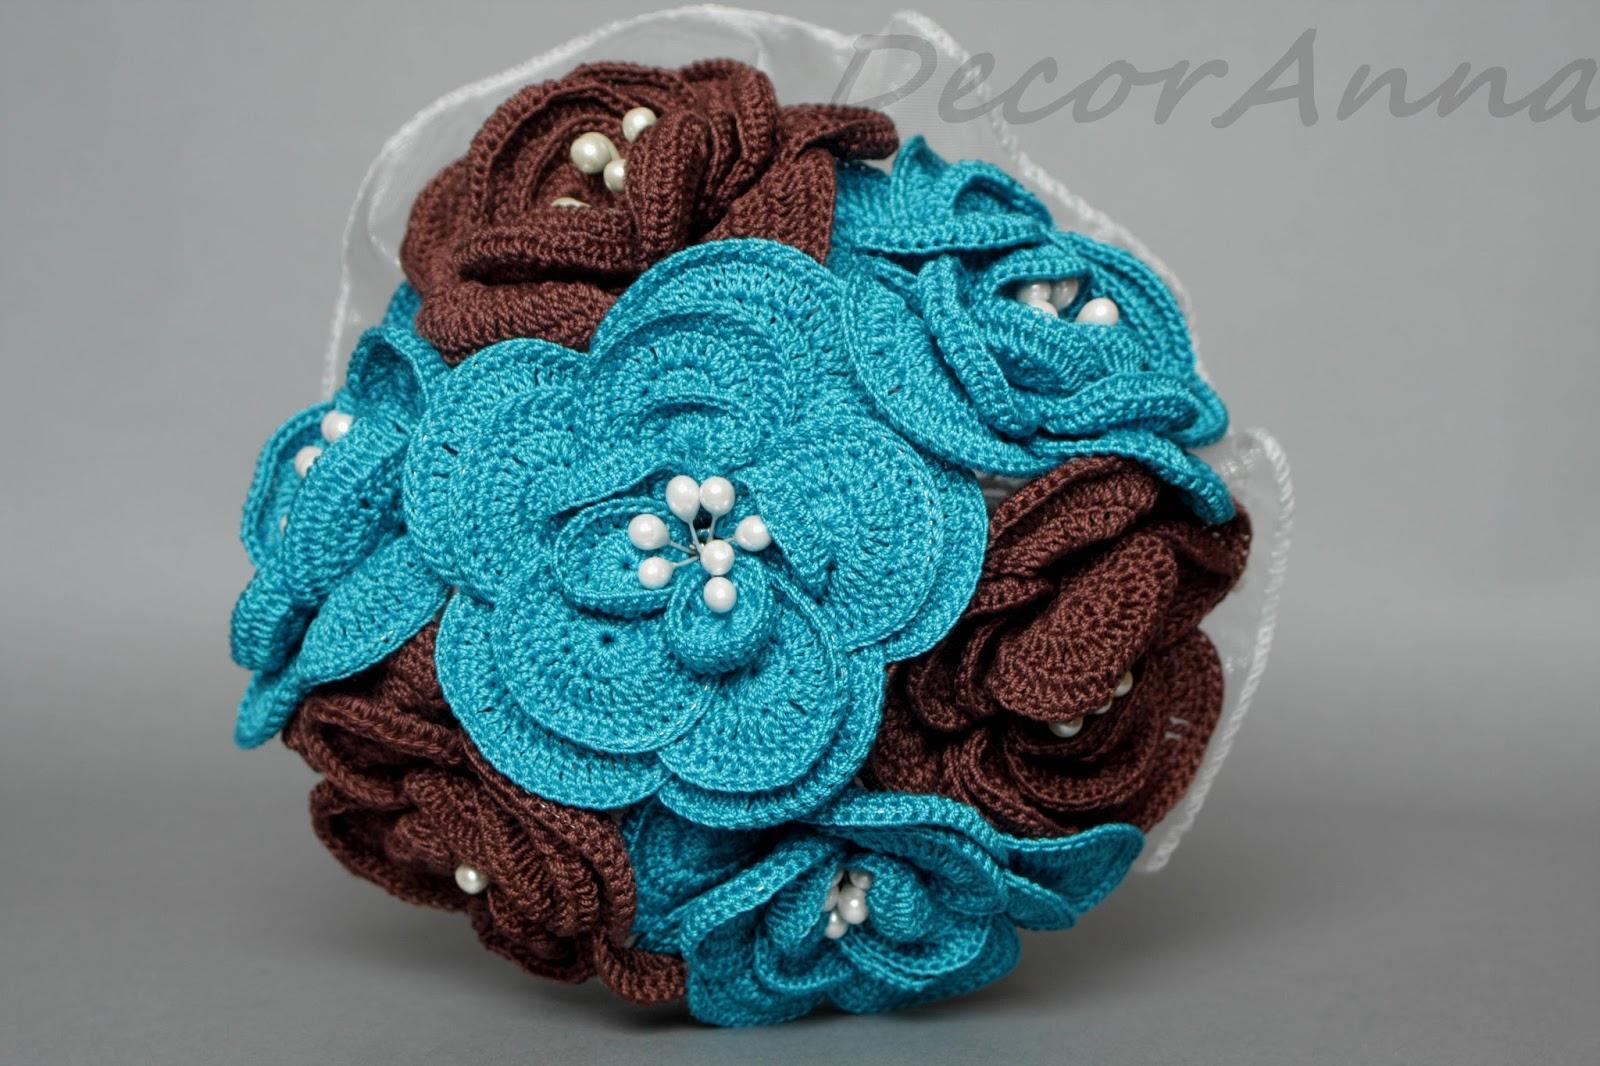 Blue Brown Wedding Bouquets : Decoranna niebiesko br zowy bukiet lubny blue and